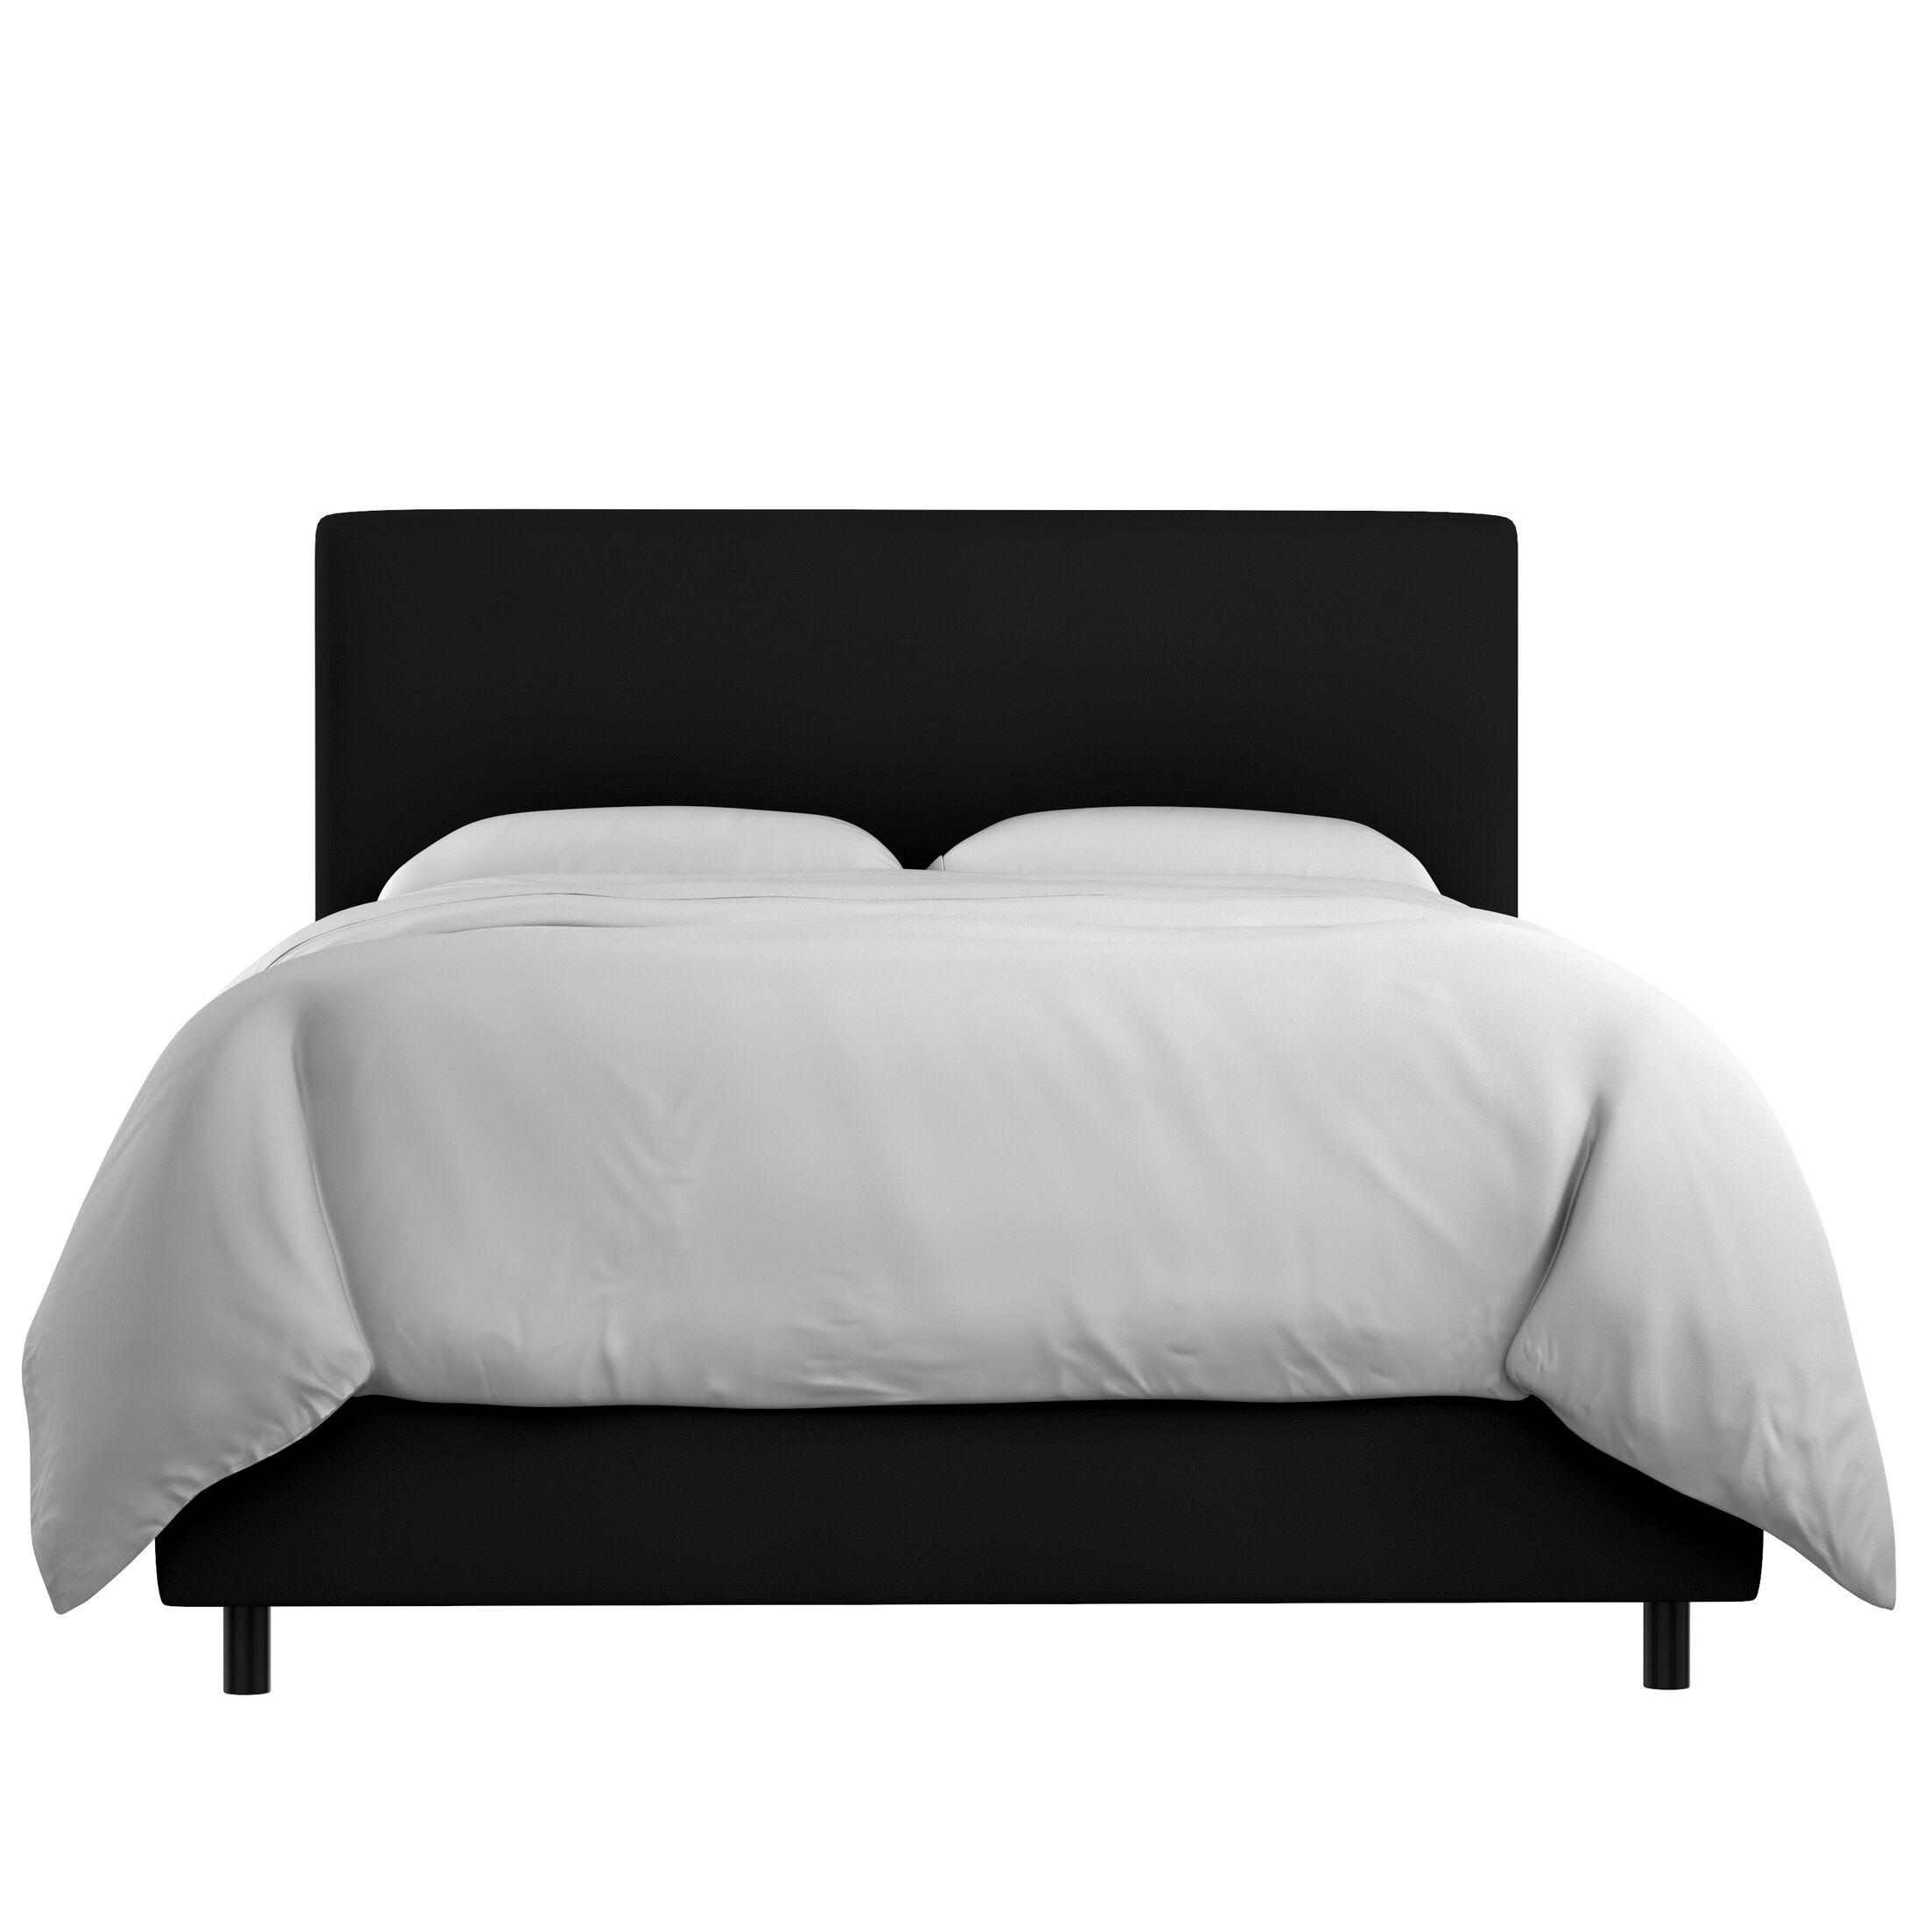 Bugg Velvet Upholstered Panel Bed Size: Full, Color: Black